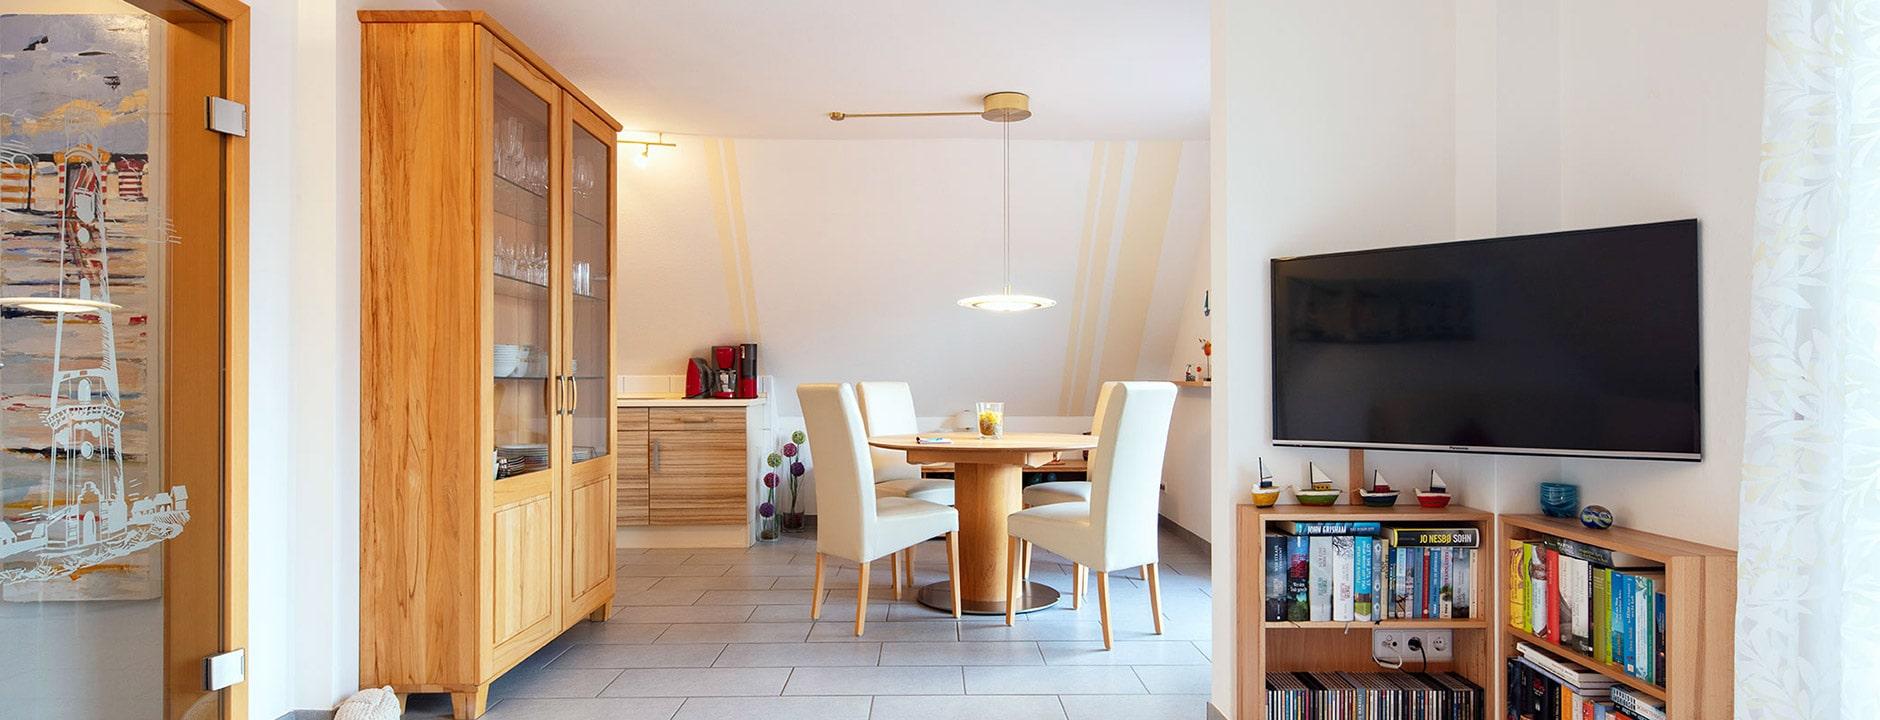 Wohnetage mit Essbereich und offener Küche